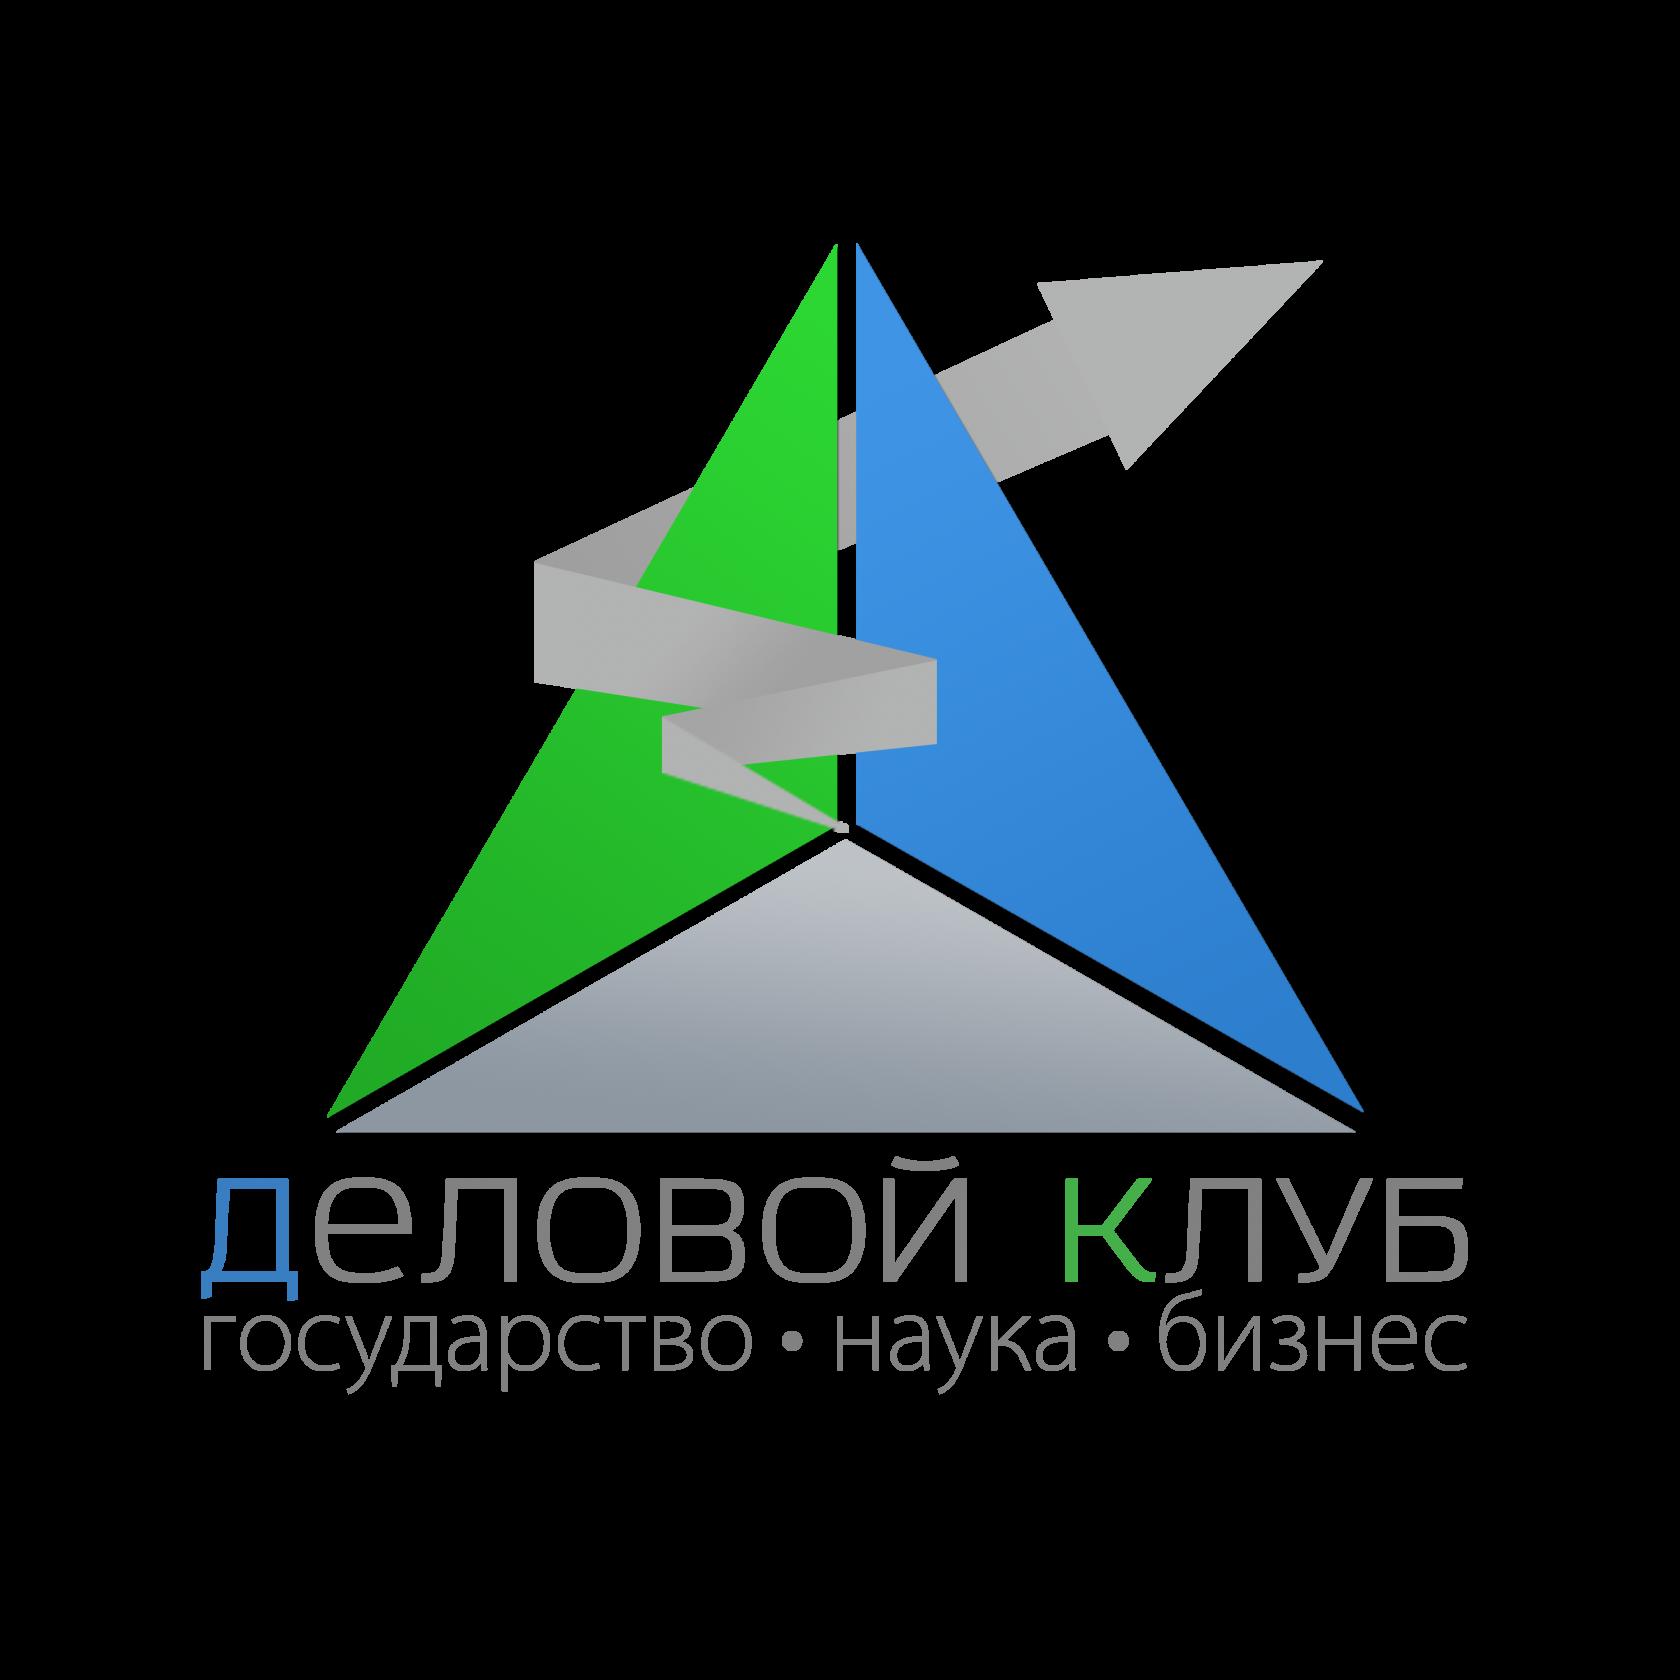 """Деловой Клуб """"Государство. Наука. Бизнес"""""""